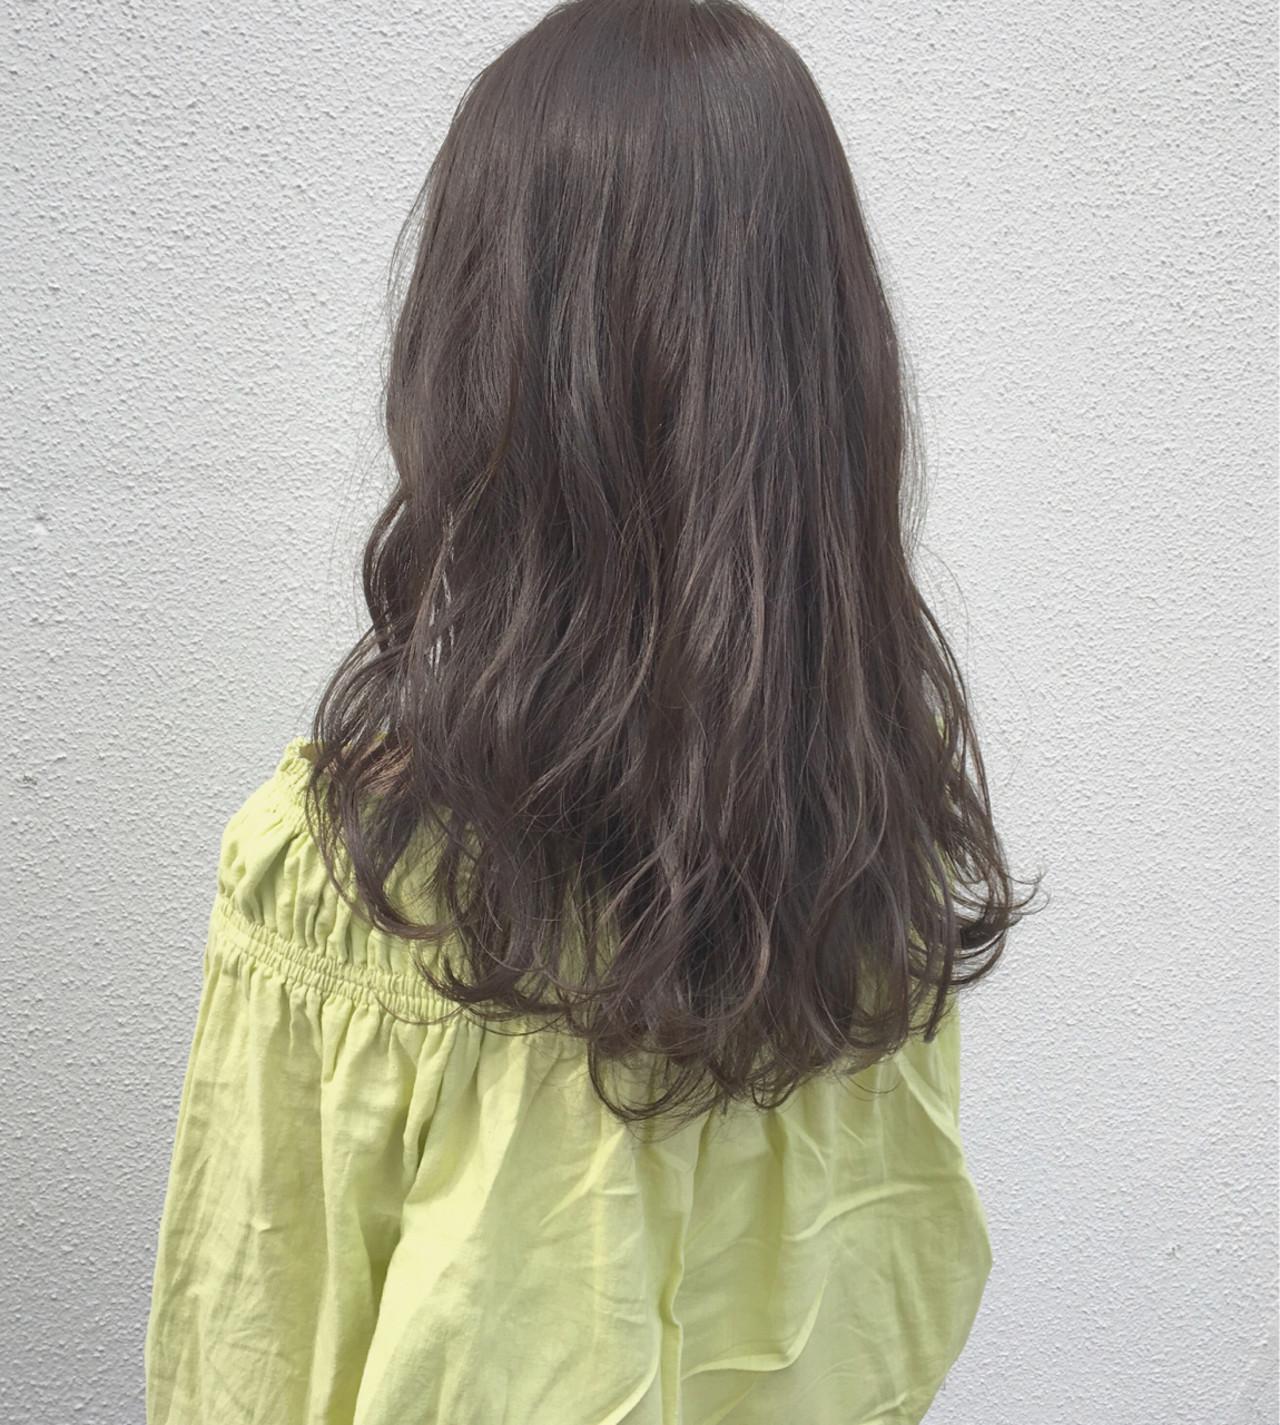 アンニュイ ロング 外国人風カラー グレージュヘアスタイルや髪型の写真・画像